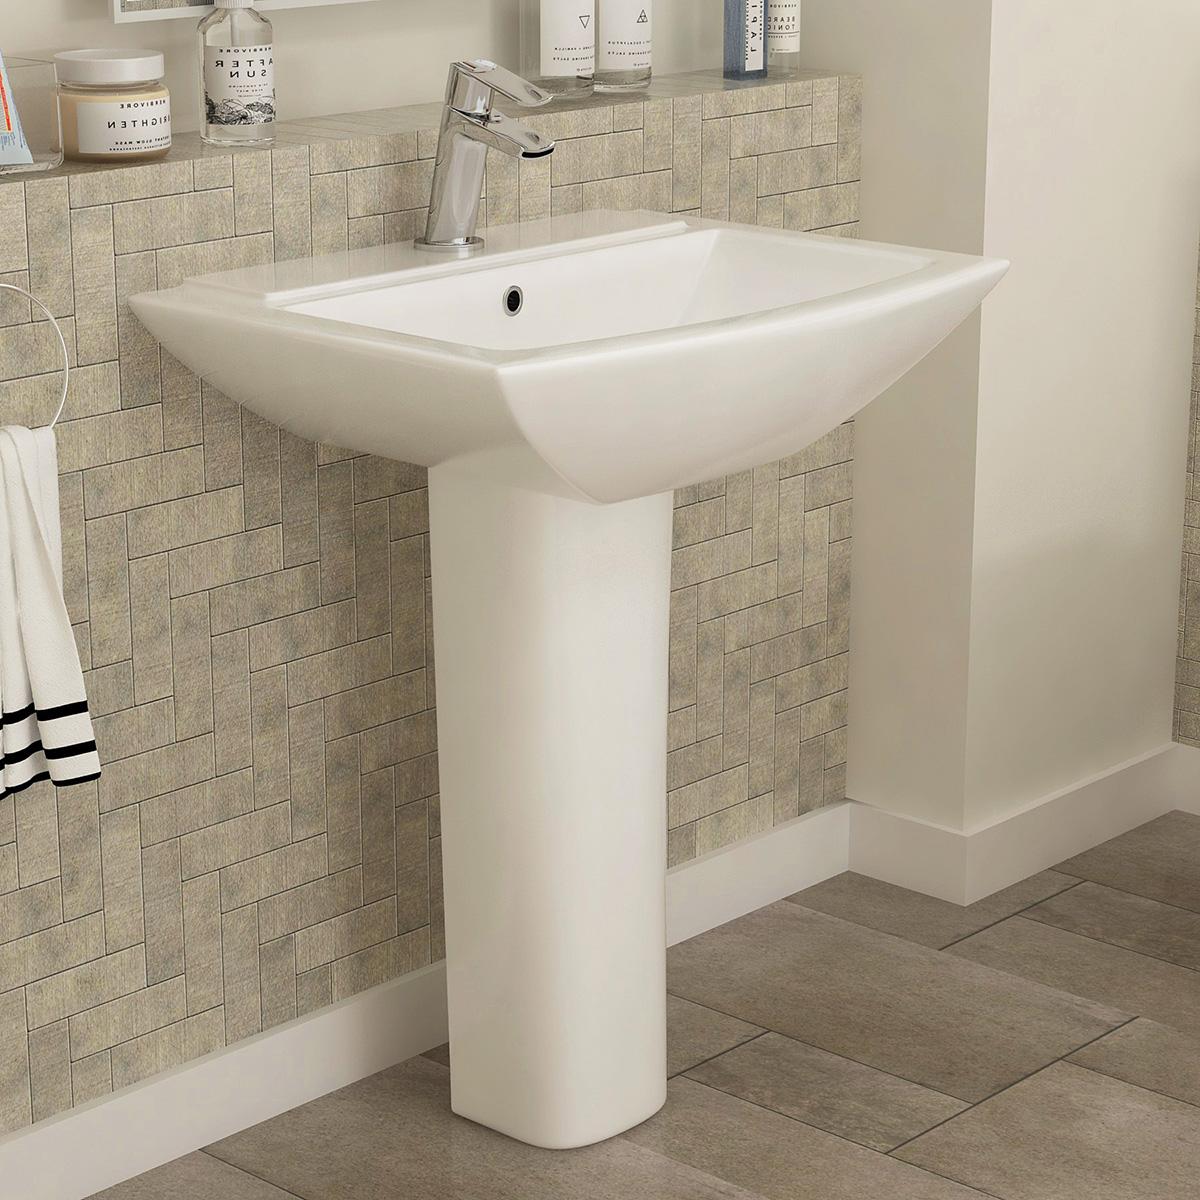 Tips for an Ultra-Modern Bathroom Look with a Basin